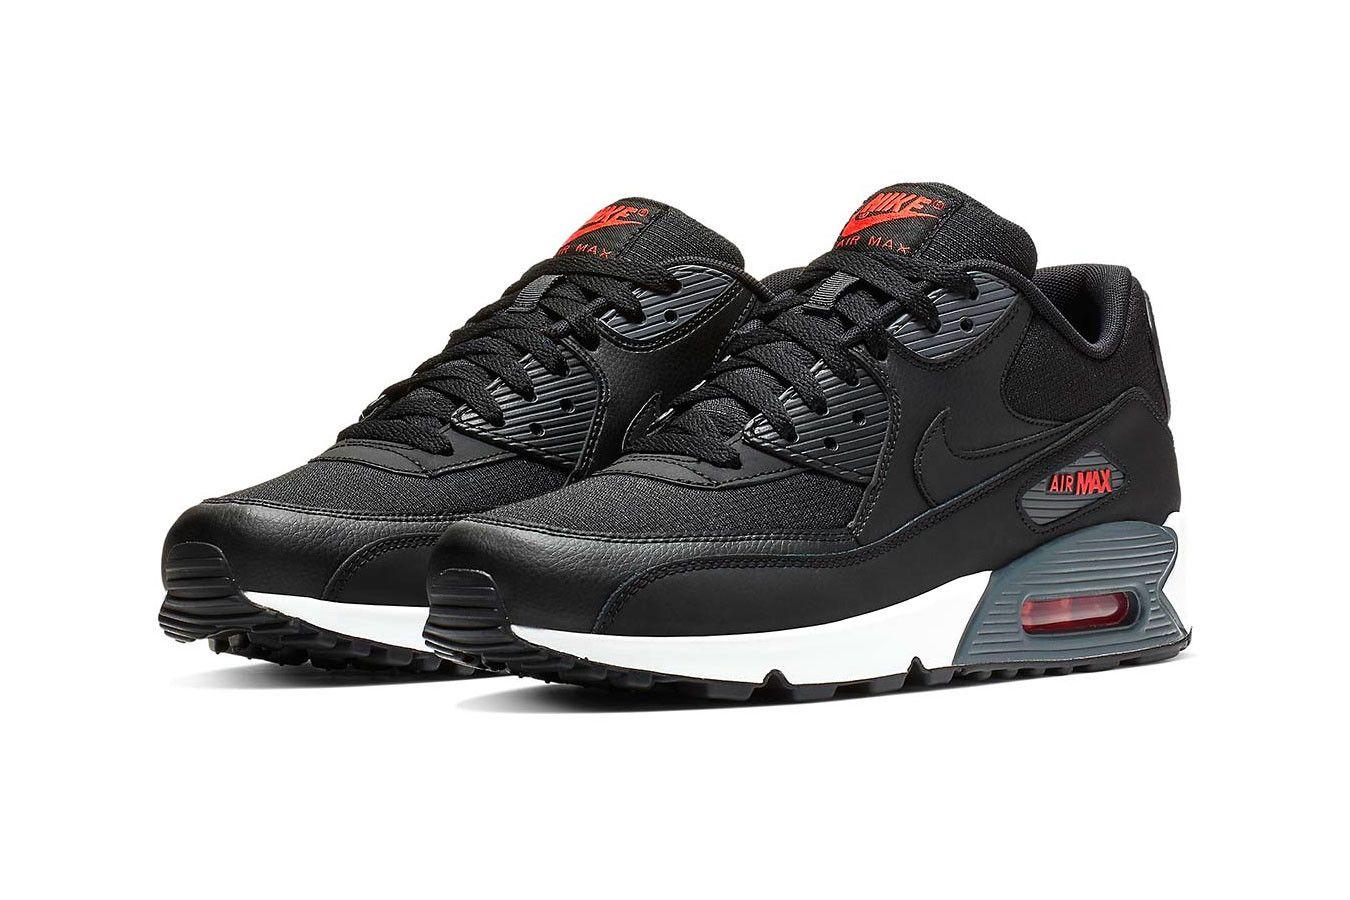 Nike air max 90